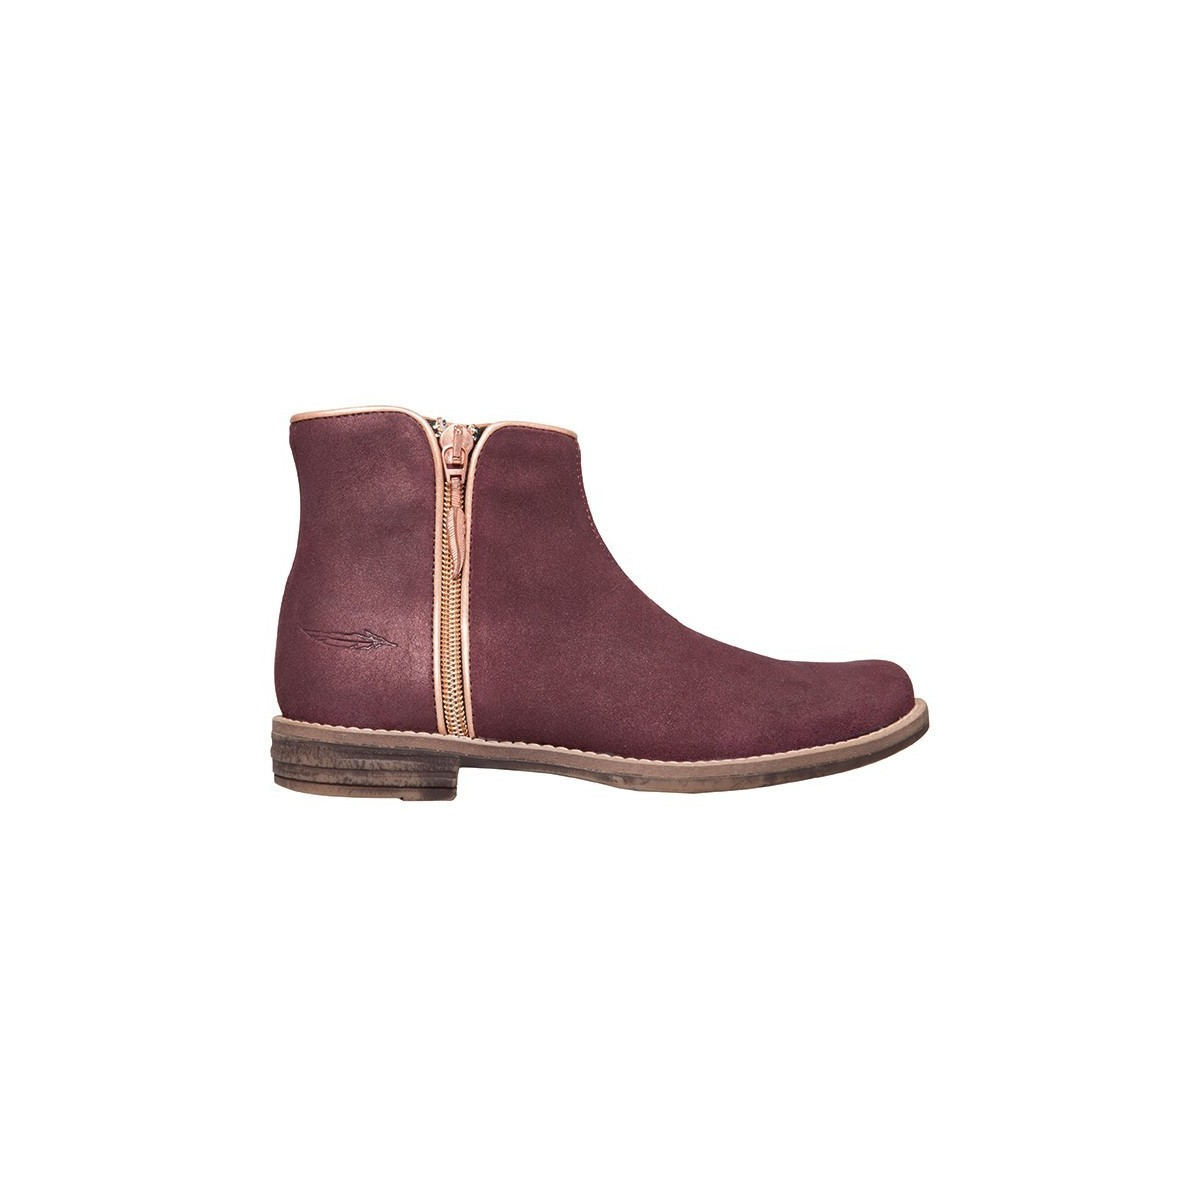 Boots Tijuana bordeaux